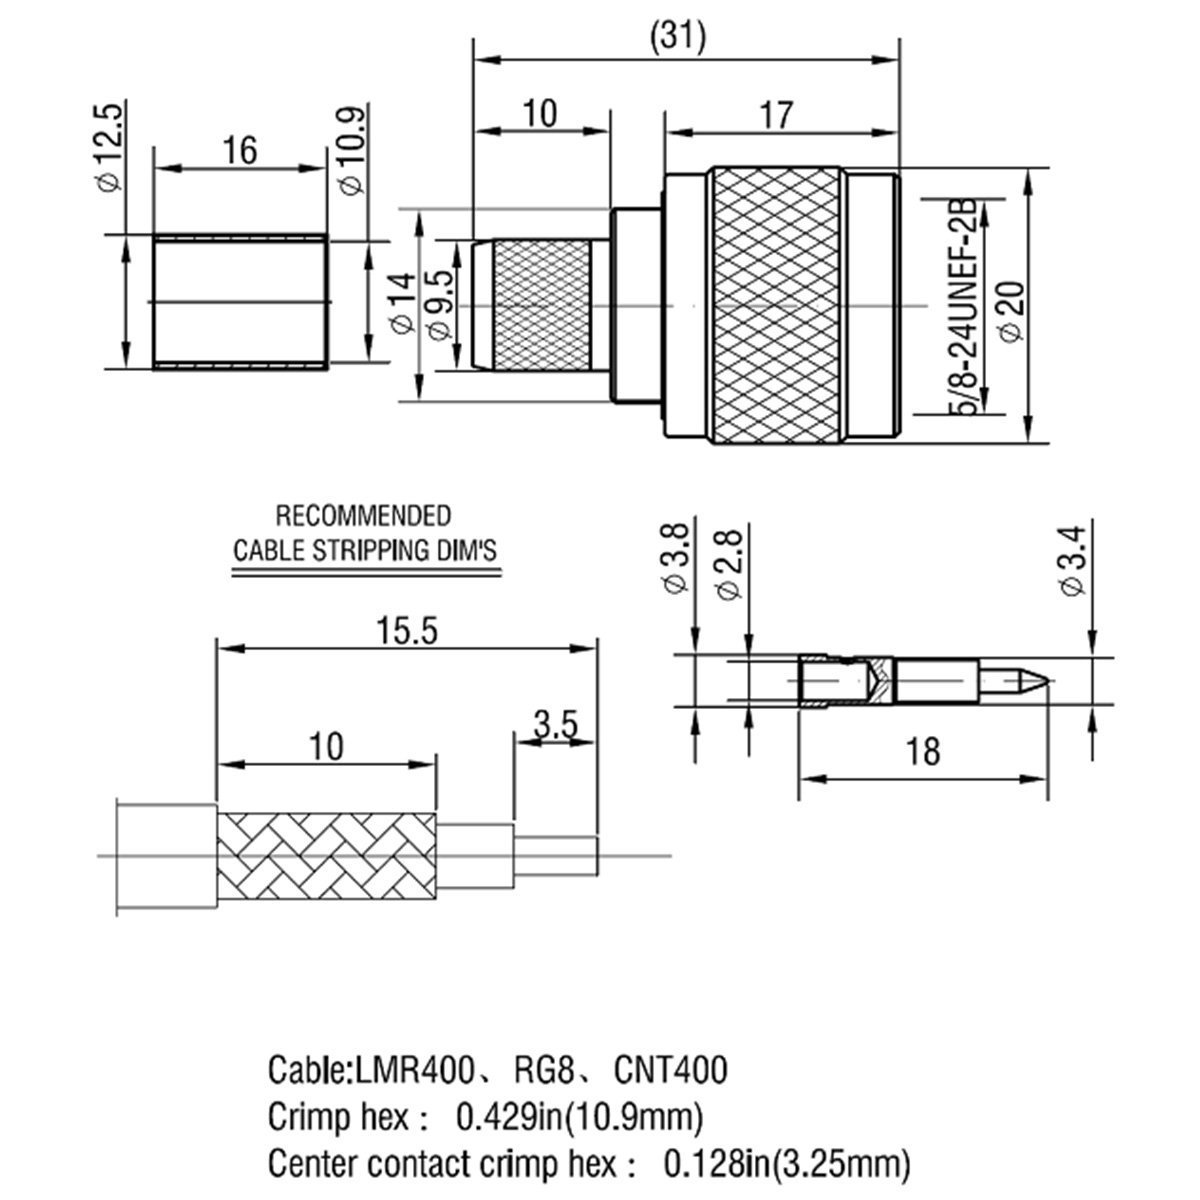 Conector N Macho Crimp On Plug coaxial Conector para LMR400 Belden 9913 Cuerpo lat/ón construcci/ón Chapado en n/íquel PTFE aislador 5 Piezas